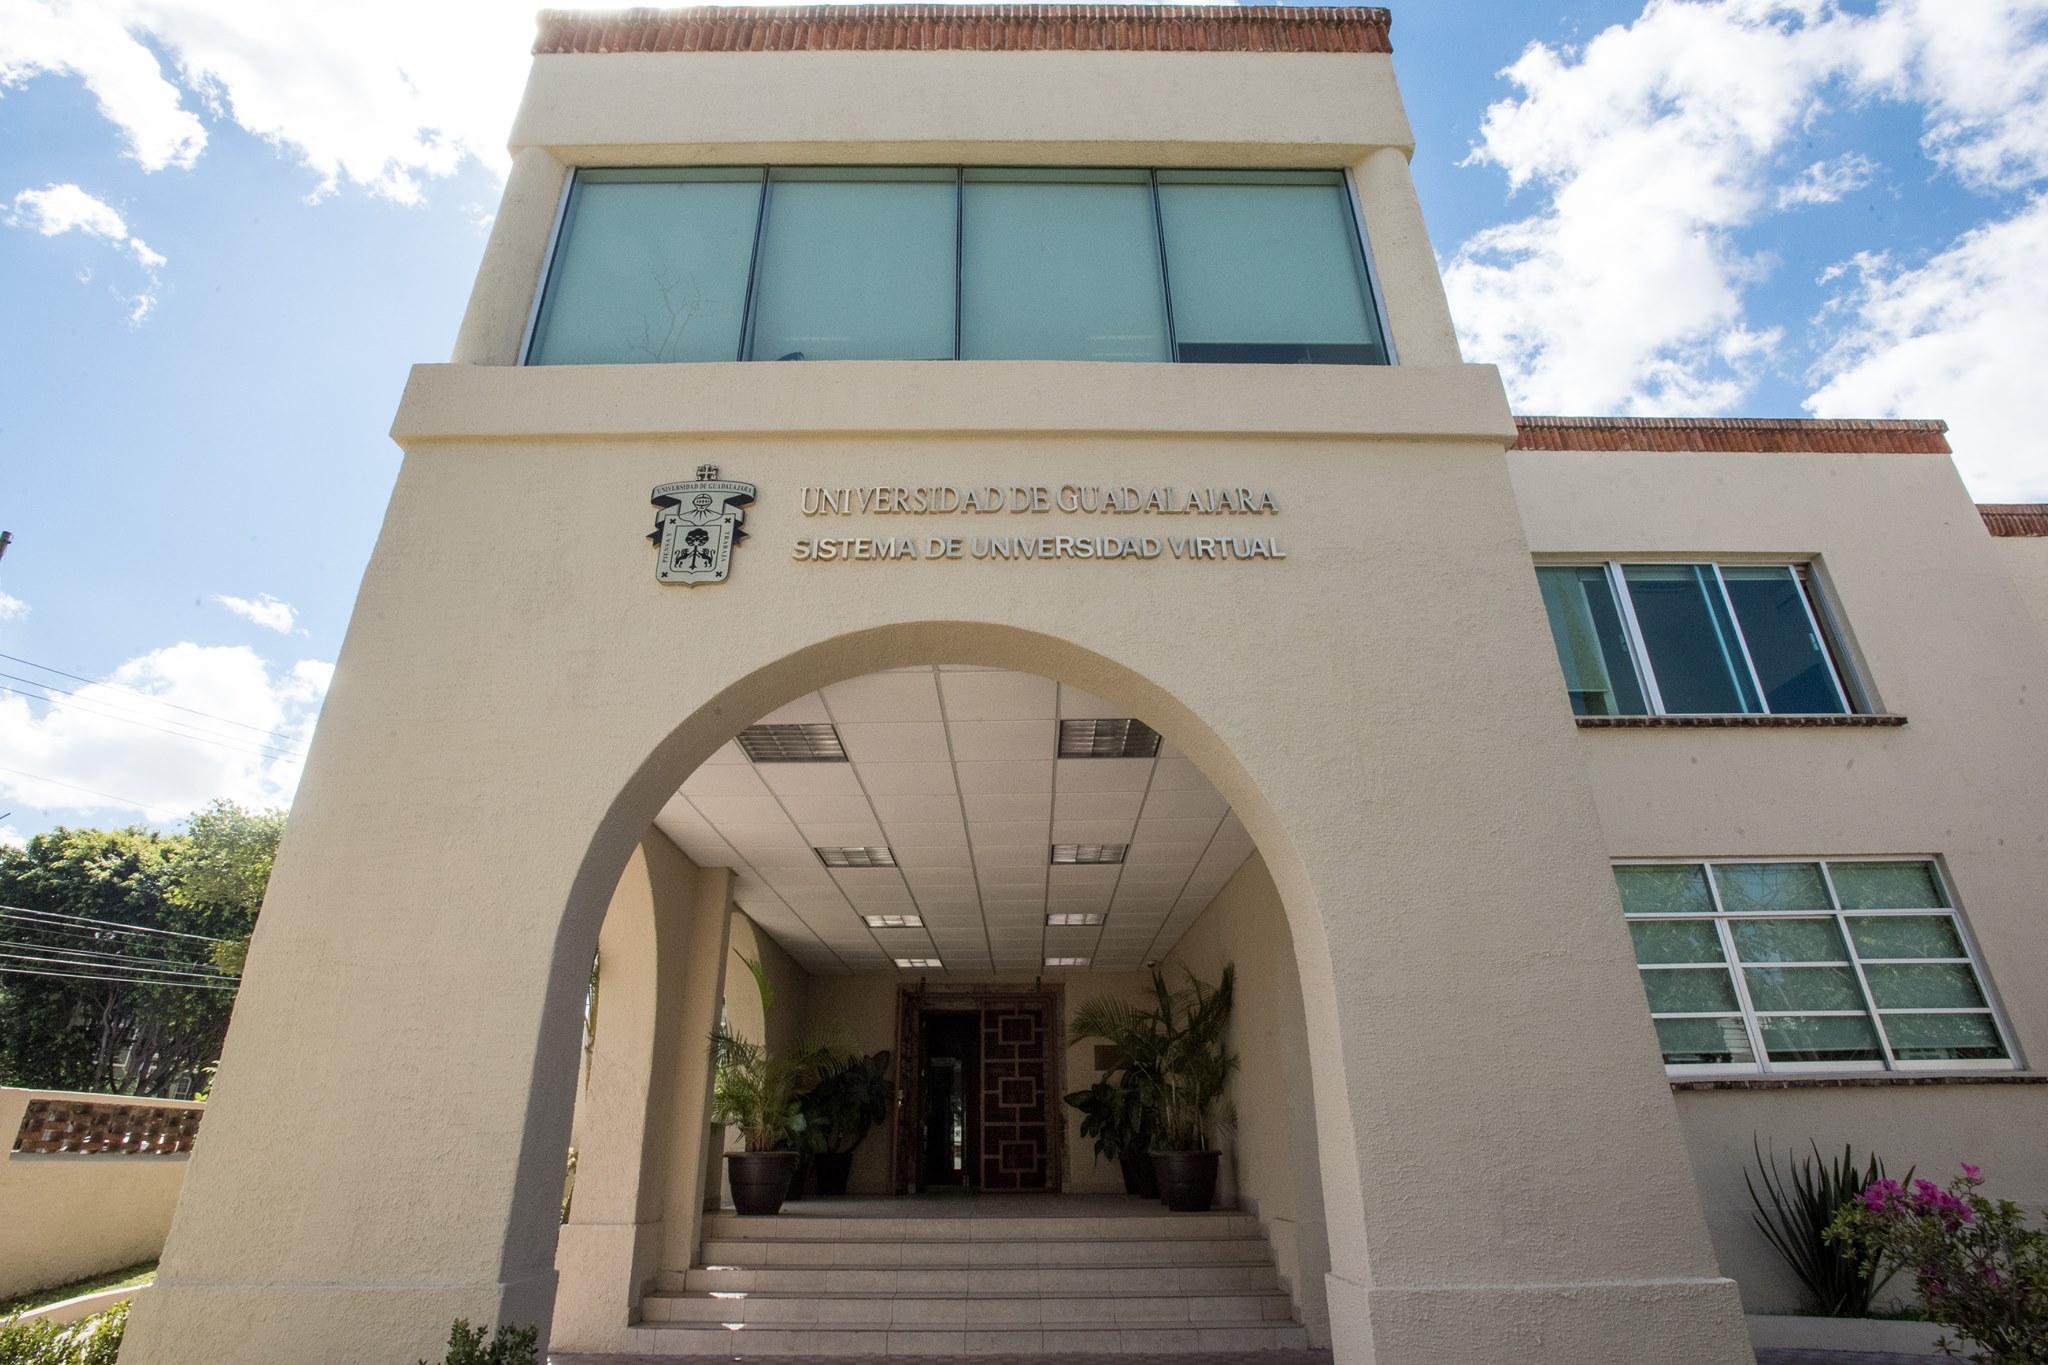 Instalaciones del Sistema de Universidad Virtual